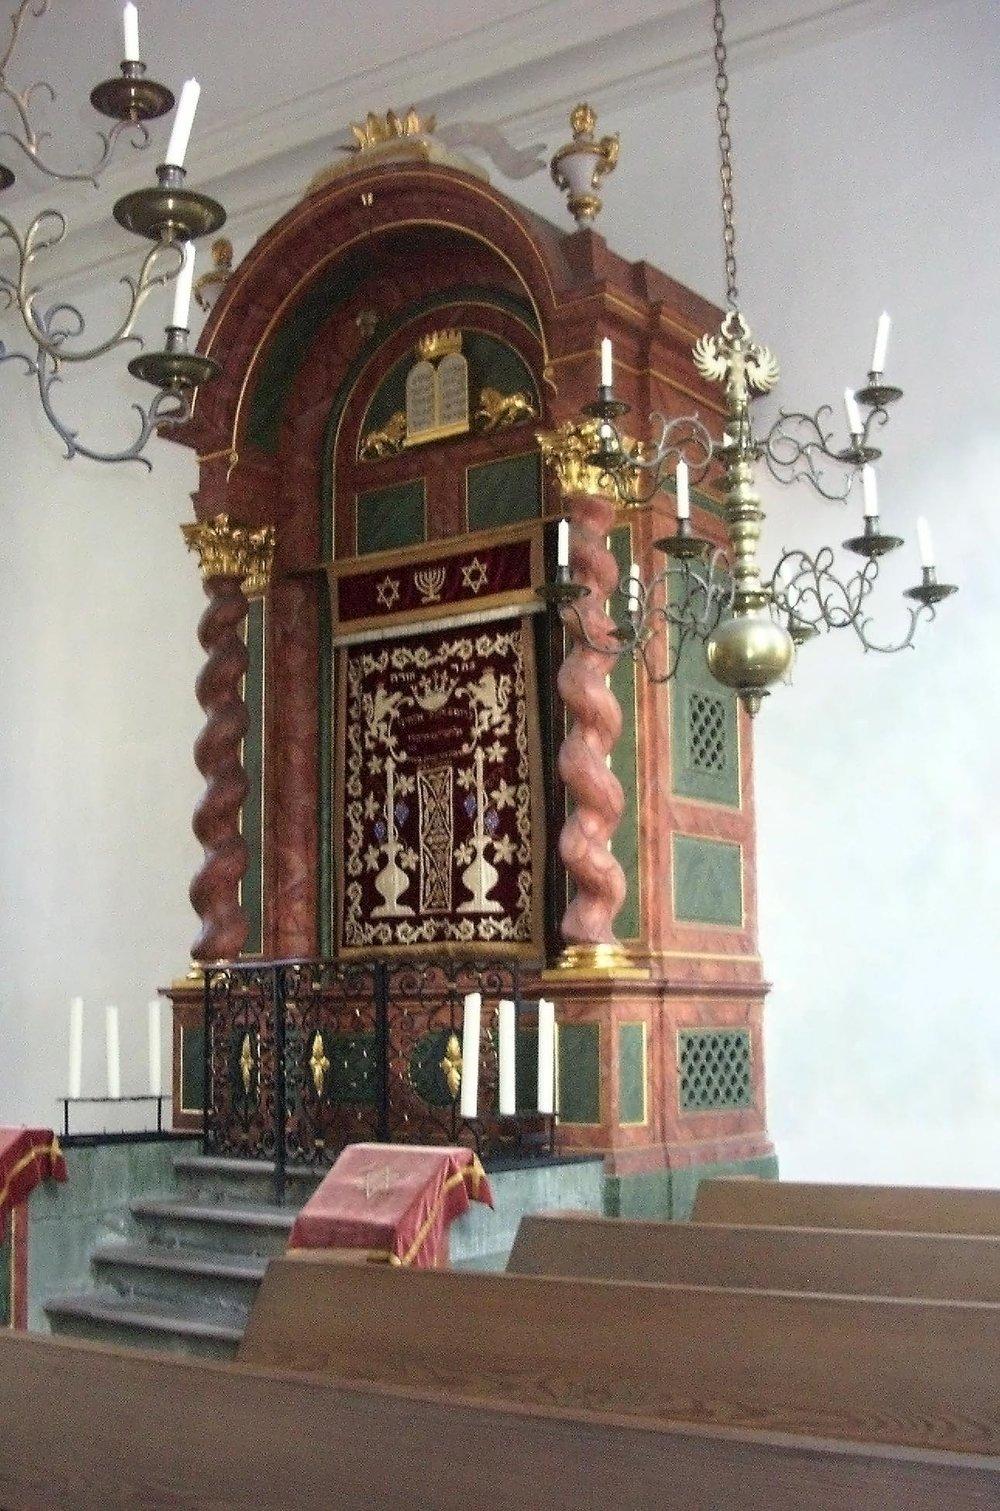 Thoraschrein in der Ansbacher Synagoge. Foto: privat